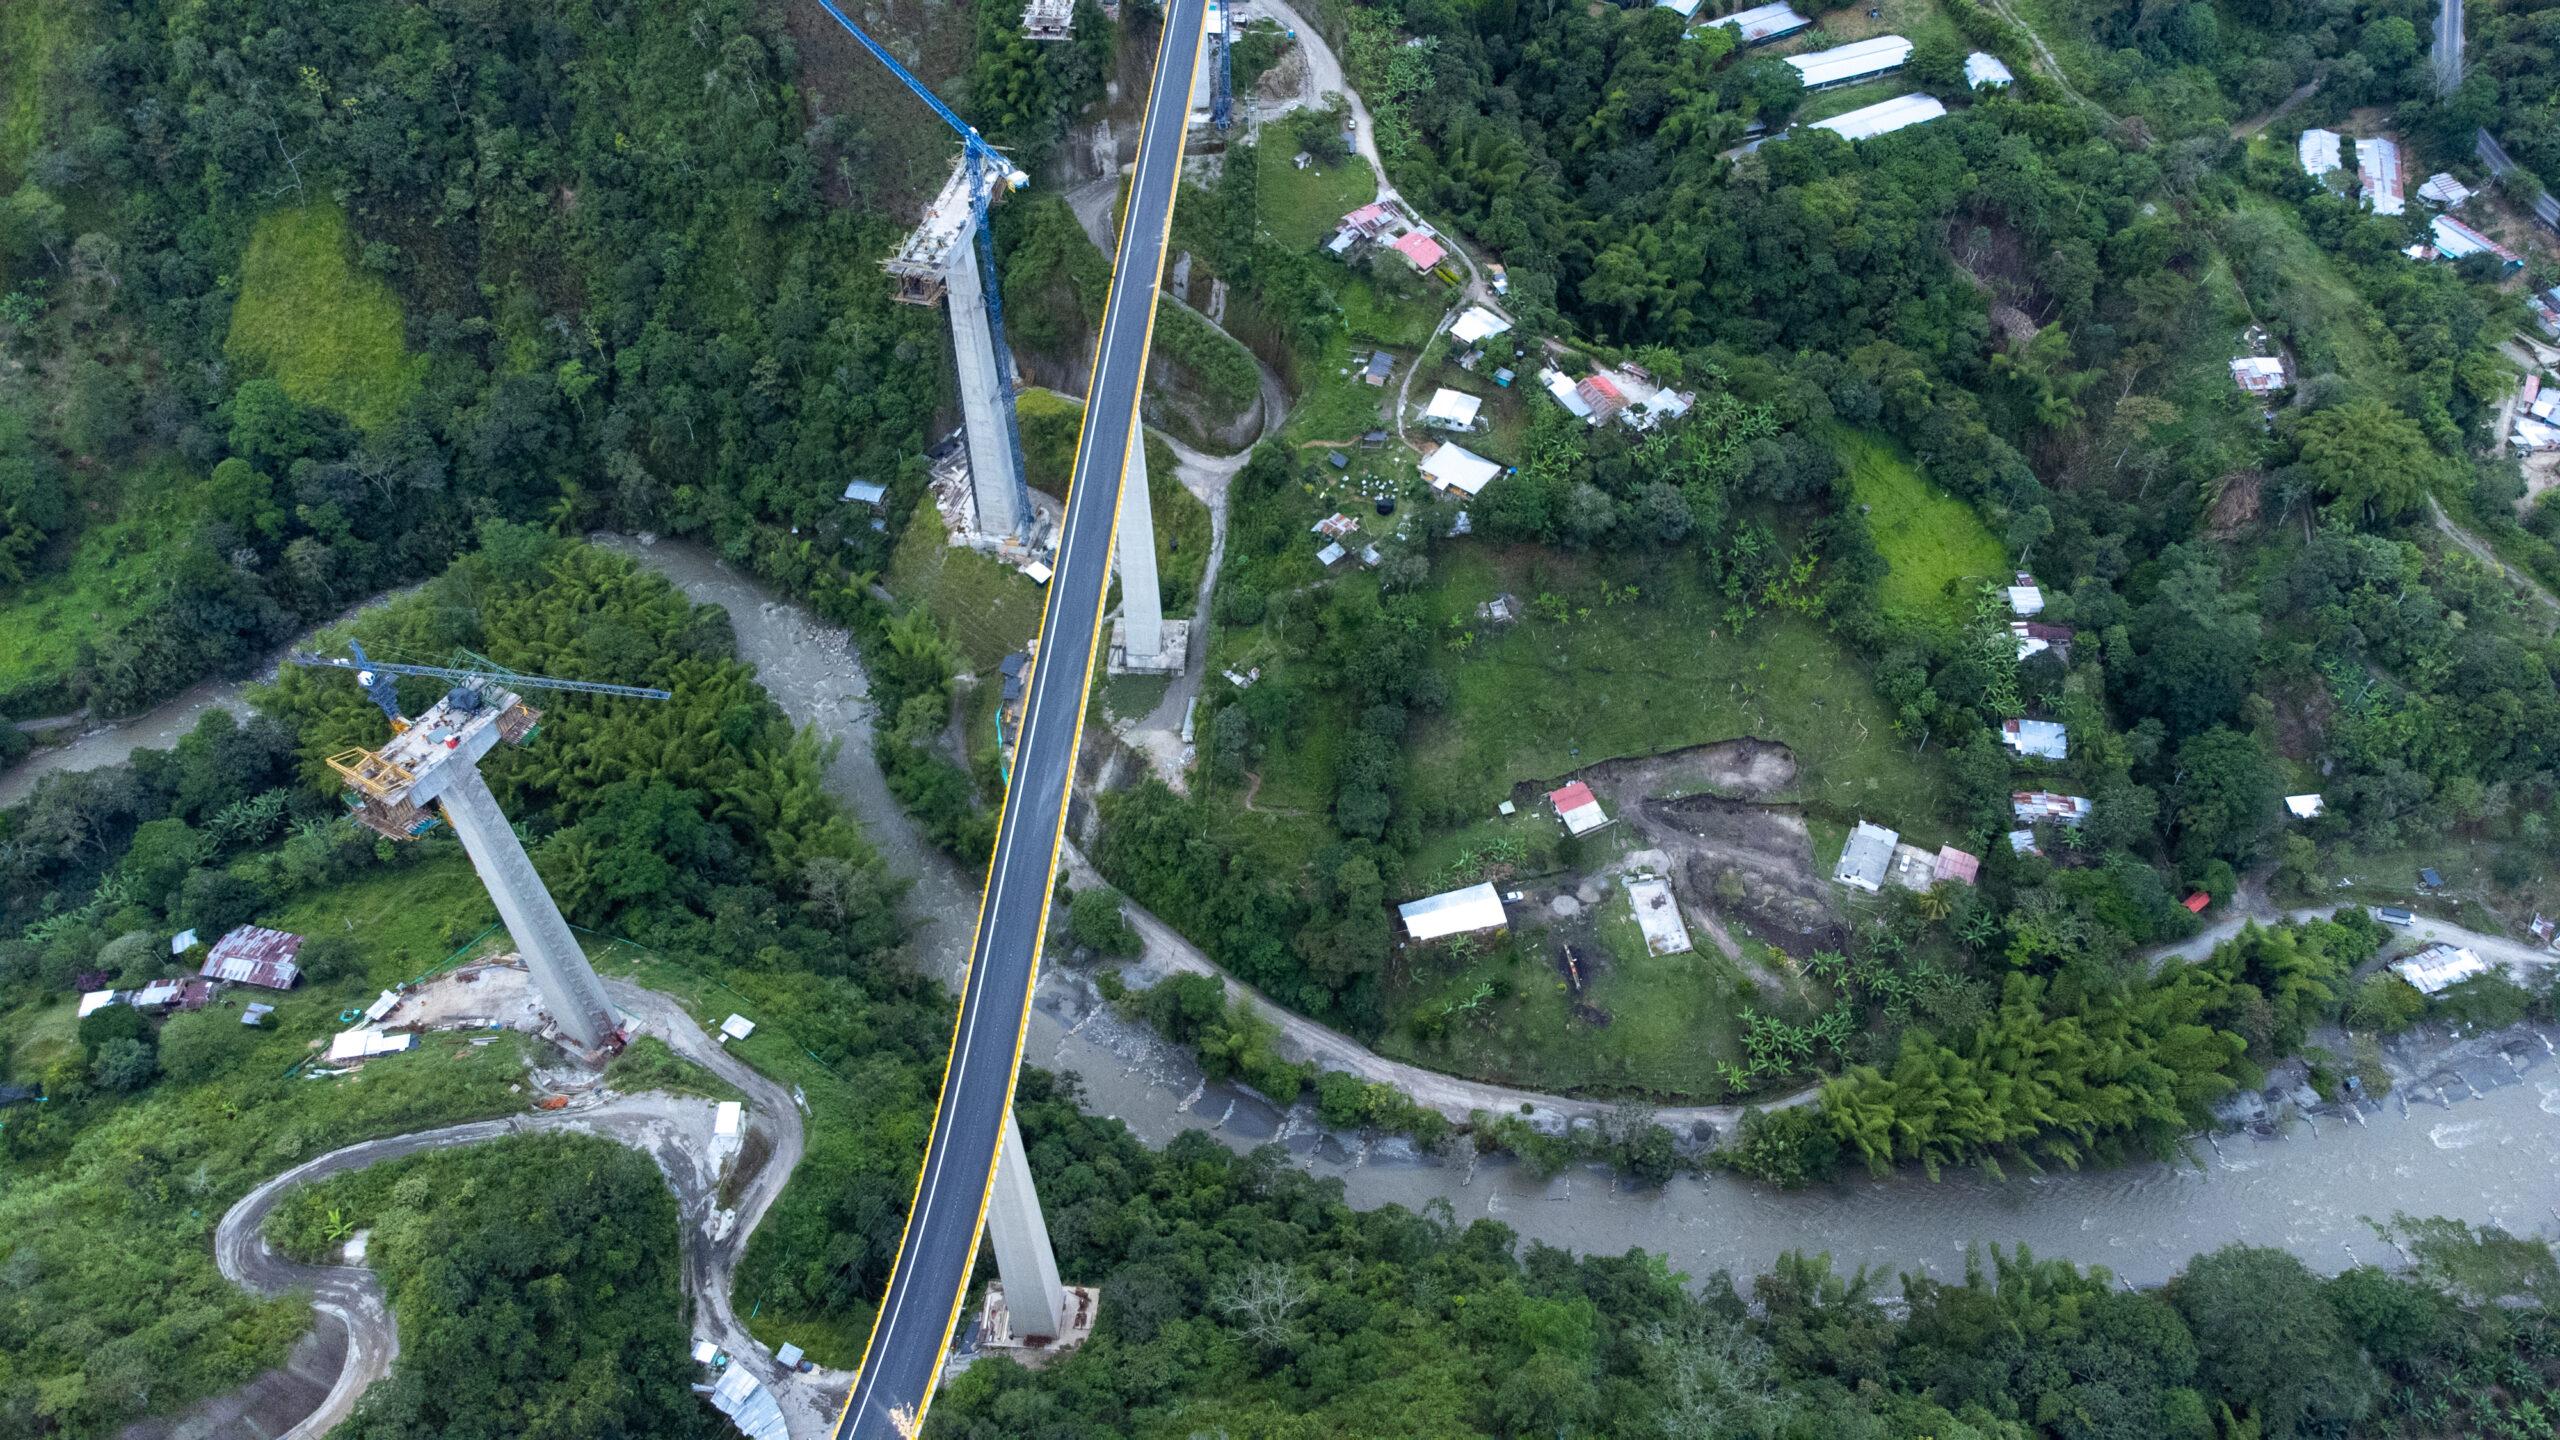 21 Viaductos en 15 kilómetros tiene el primer tramo de la nueva vía Ibagué- Cajamarca 10